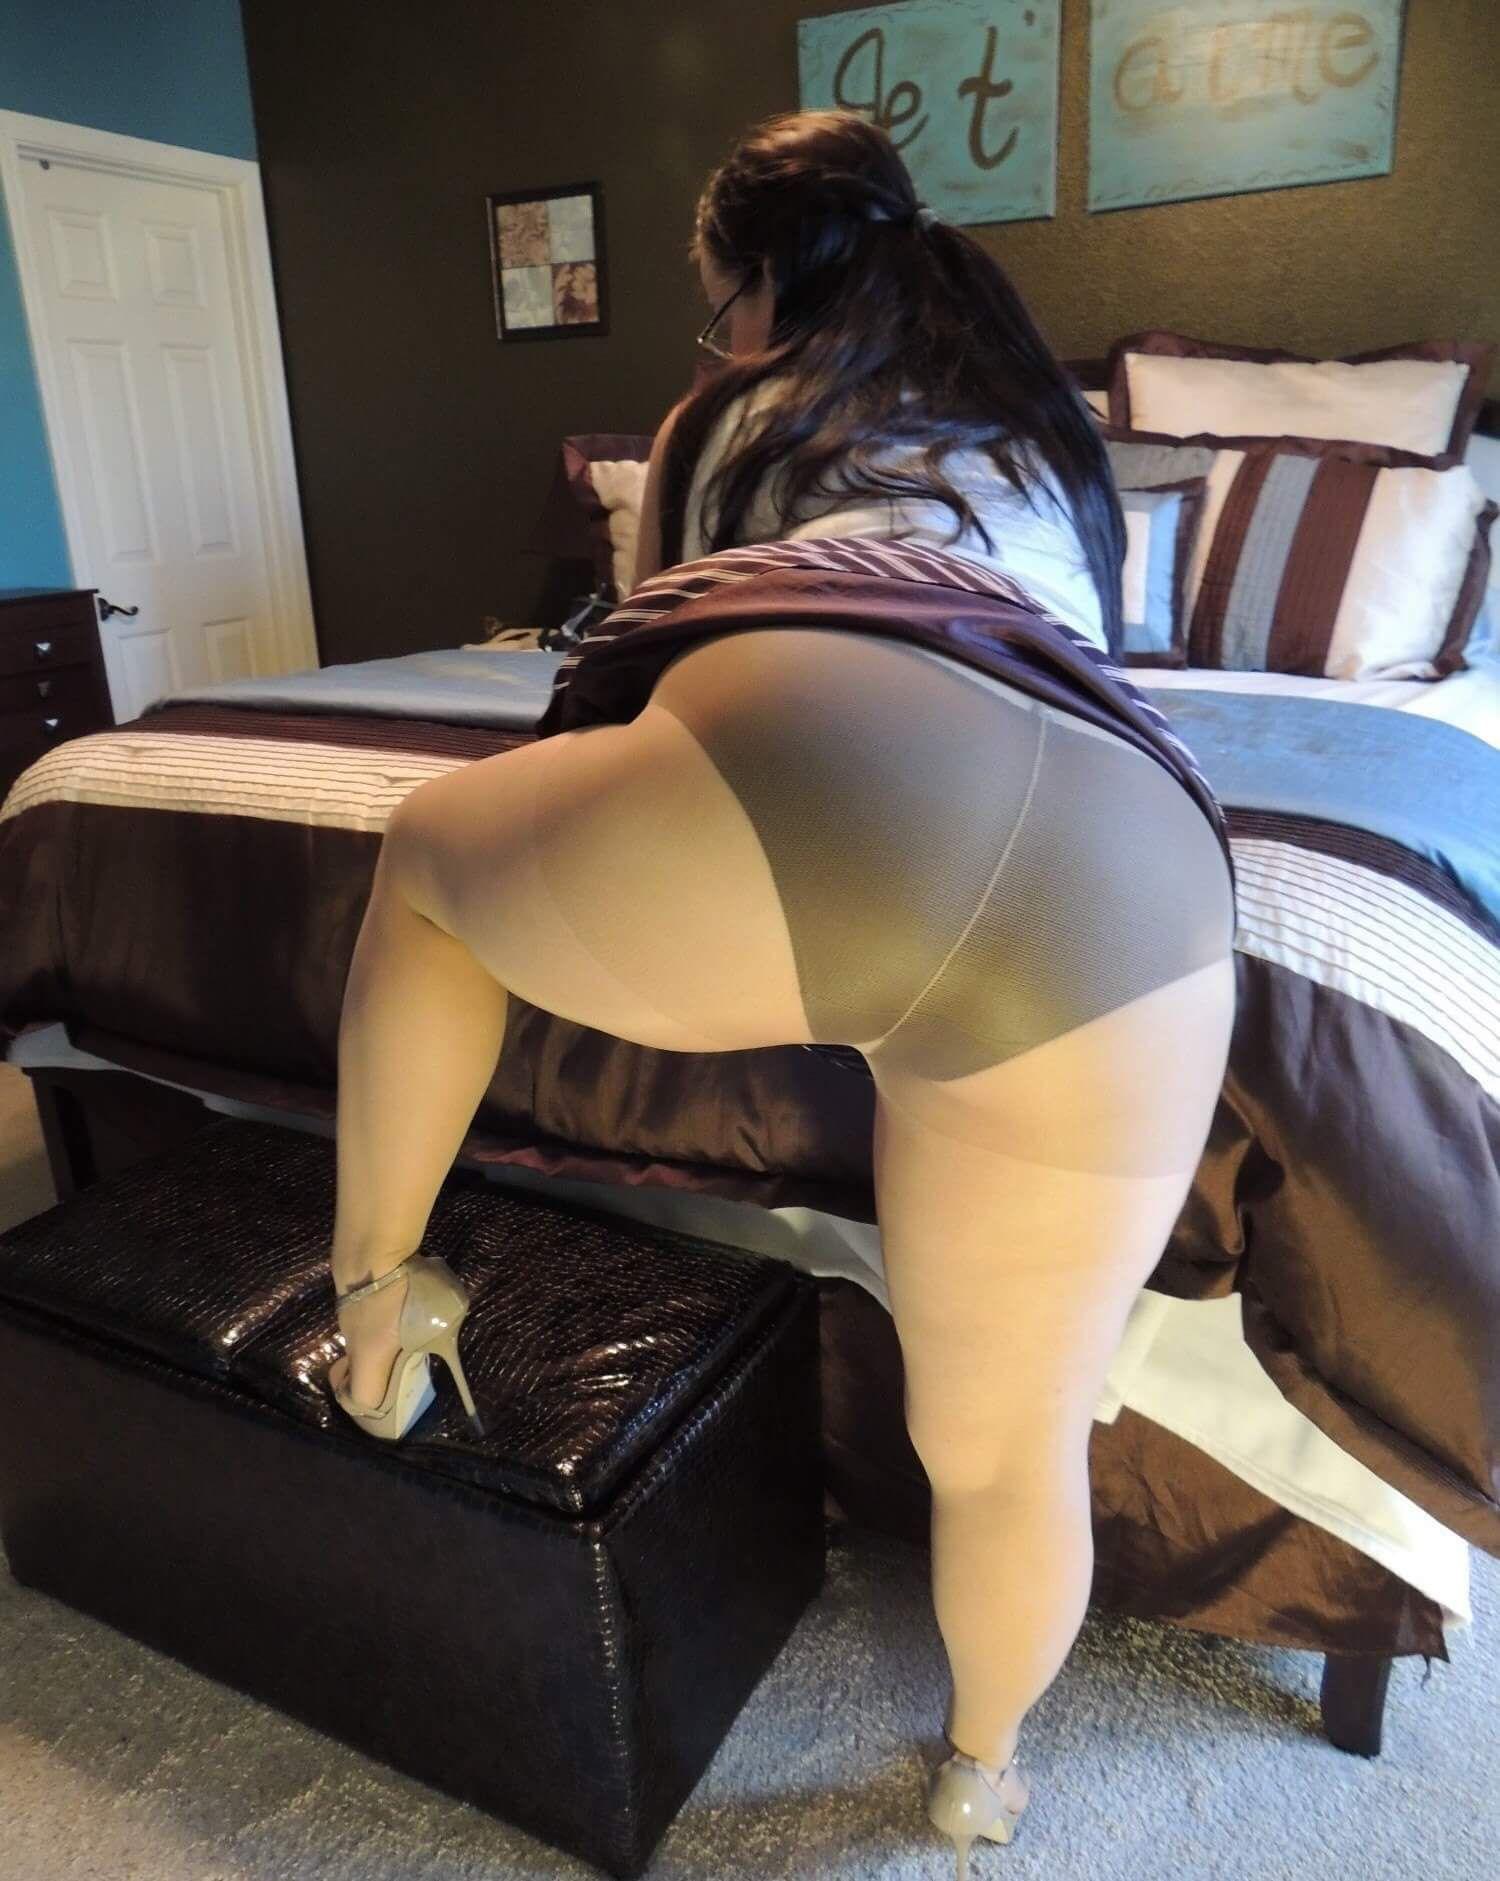 Bbw pantyhose damn